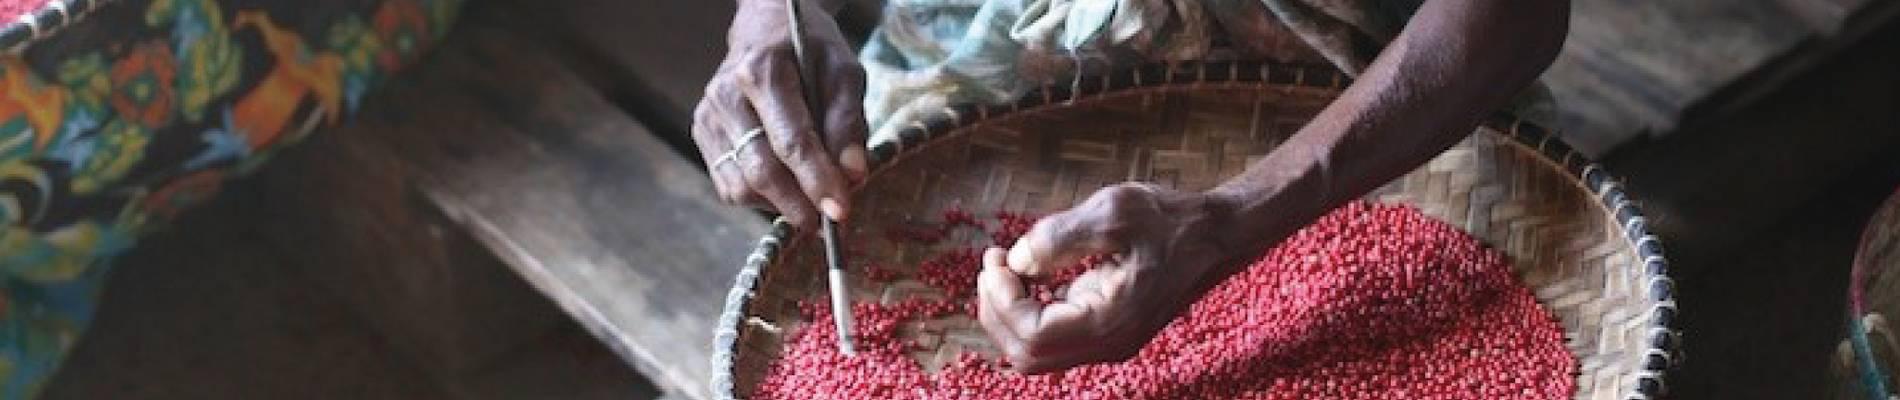 commerce-équitable-agriculture-bio-biopartenaire-label-image-d-illustration-article